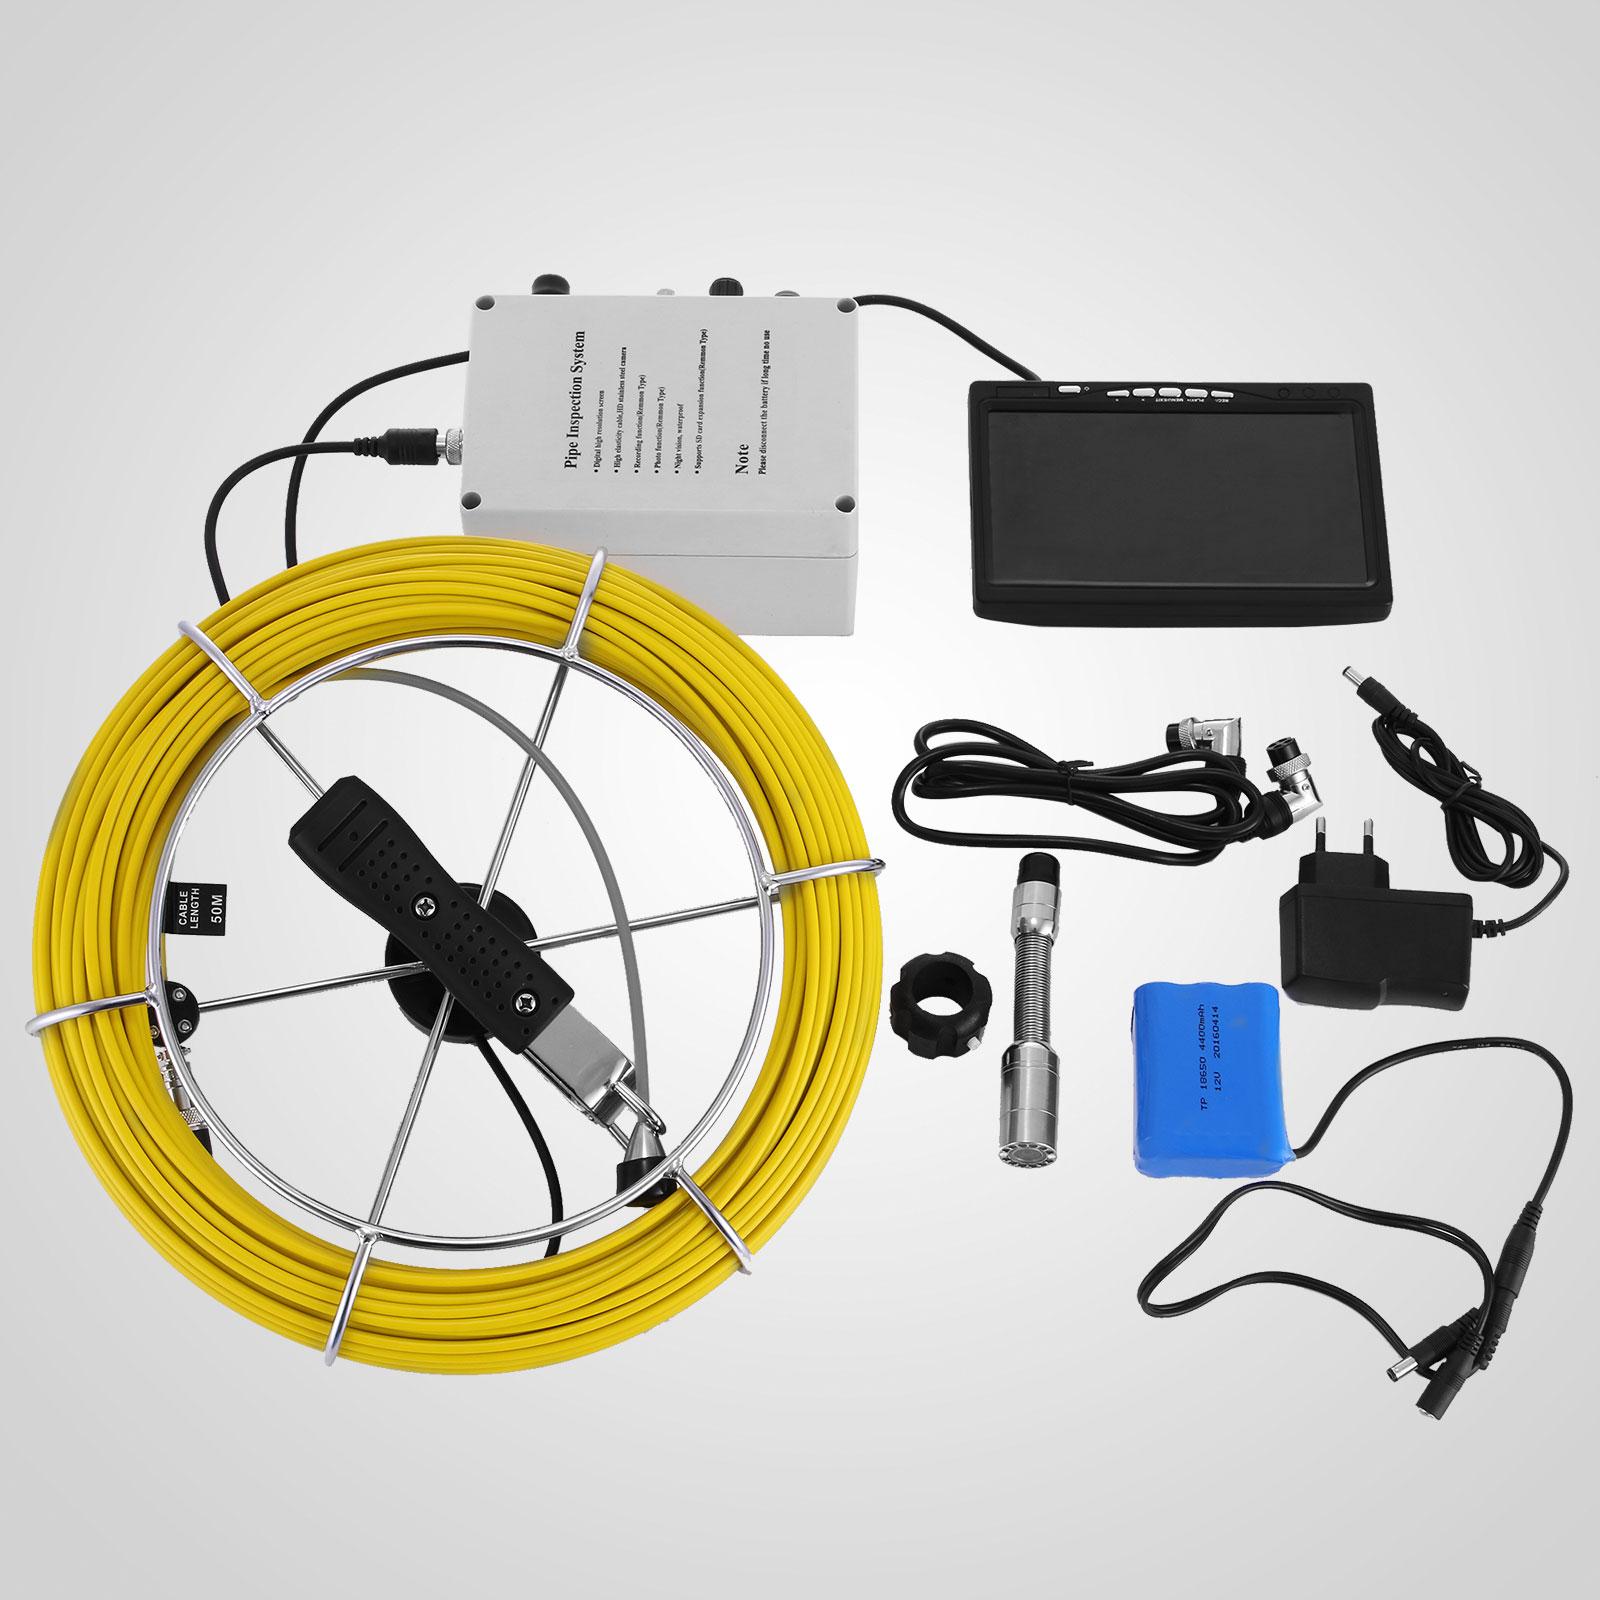 kabel rohrkamera inspektionskamera 50m rekorder glasfaser 120 degree ebay. Black Bedroom Furniture Sets. Home Design Ideas